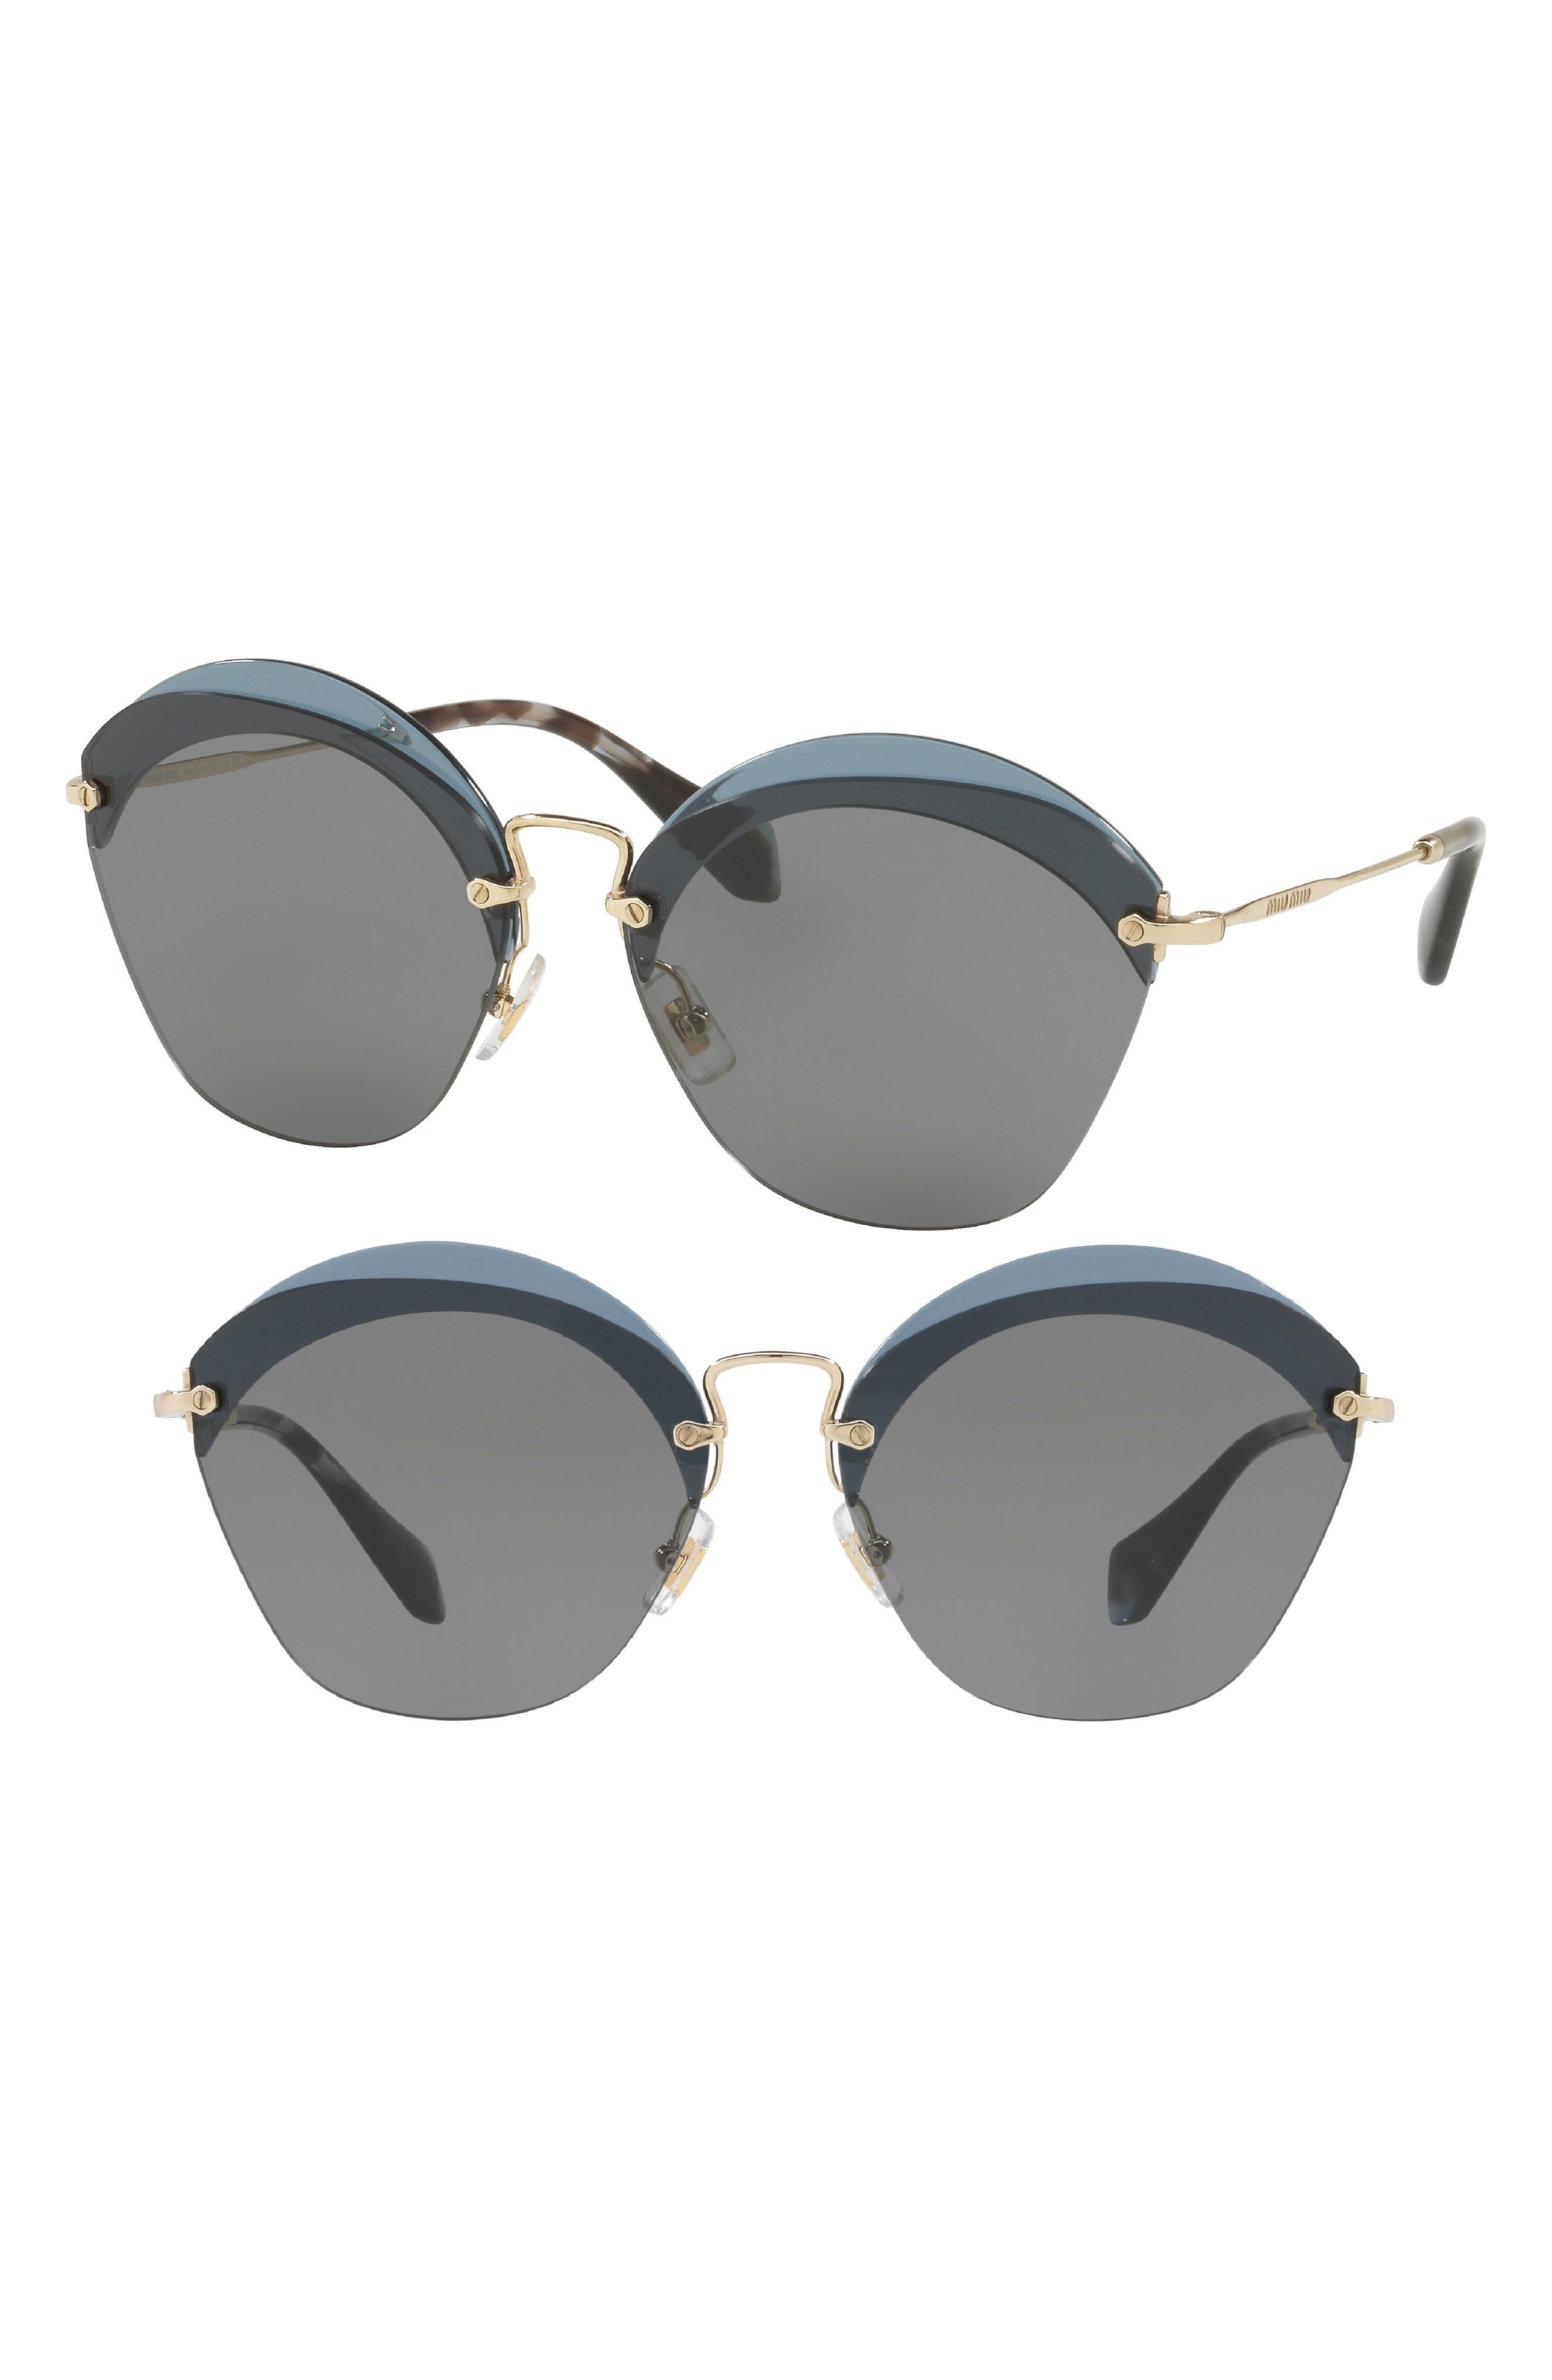 Miu Miu 62Mm Sunglasses - Transparent Blue Solid